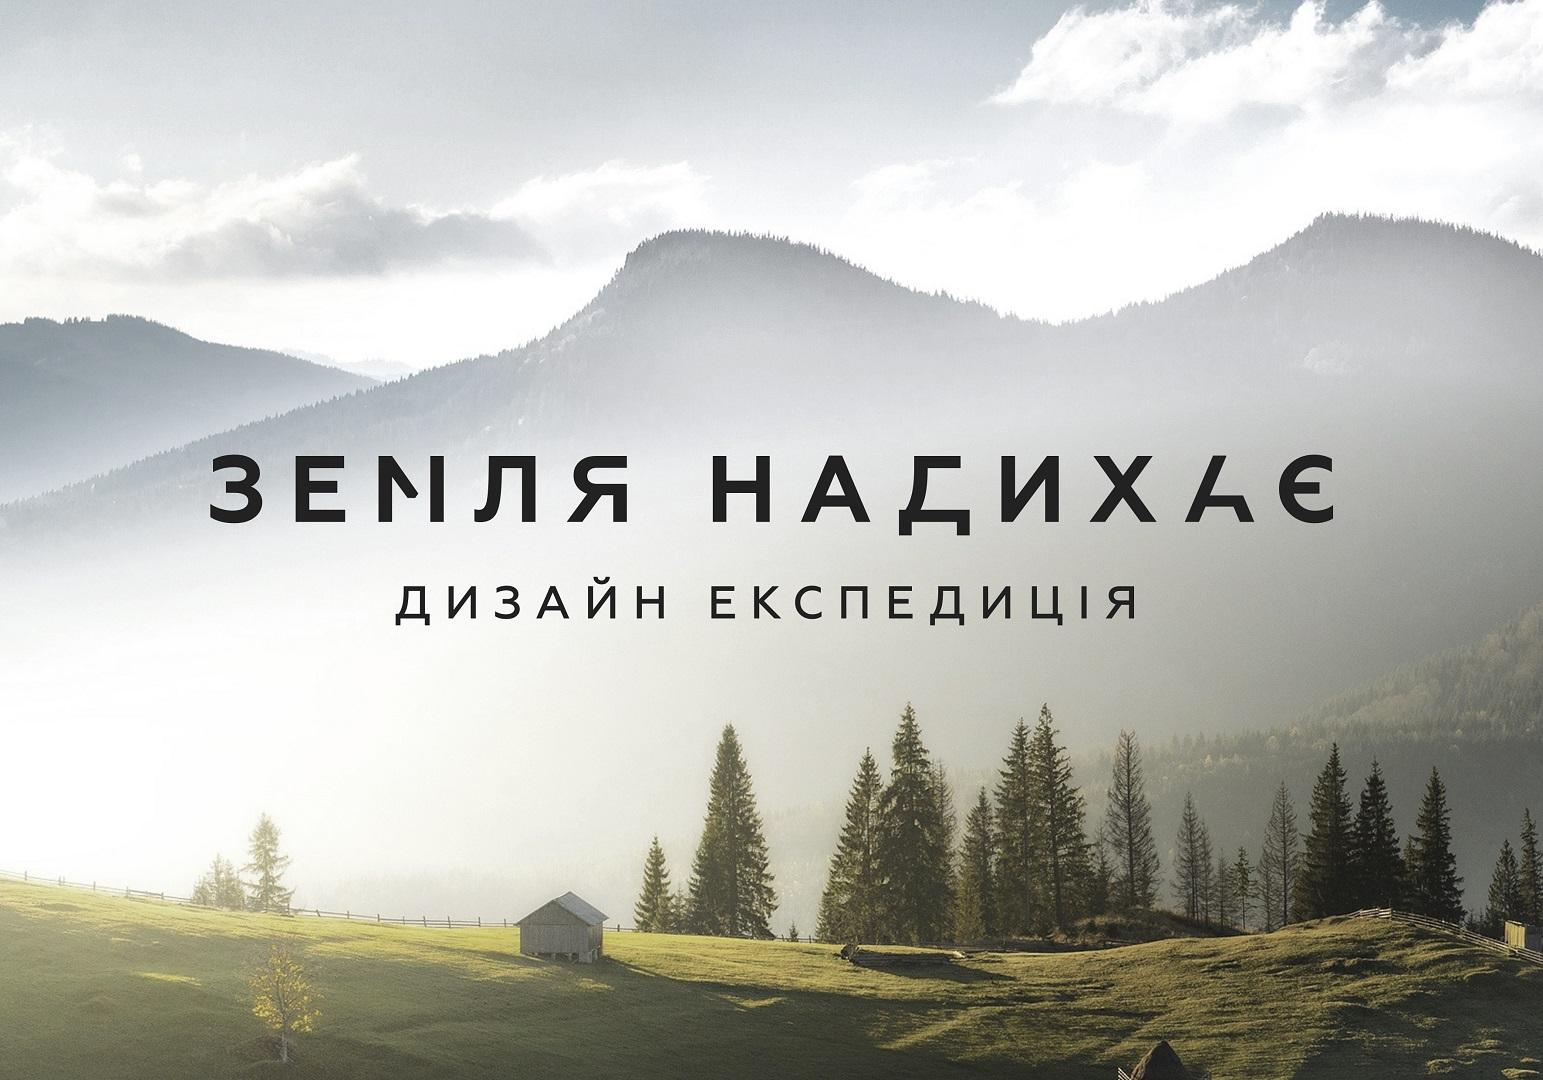 Знаменитые дизайнеры отправятся в экспедицию по Прикарпатью-320x180